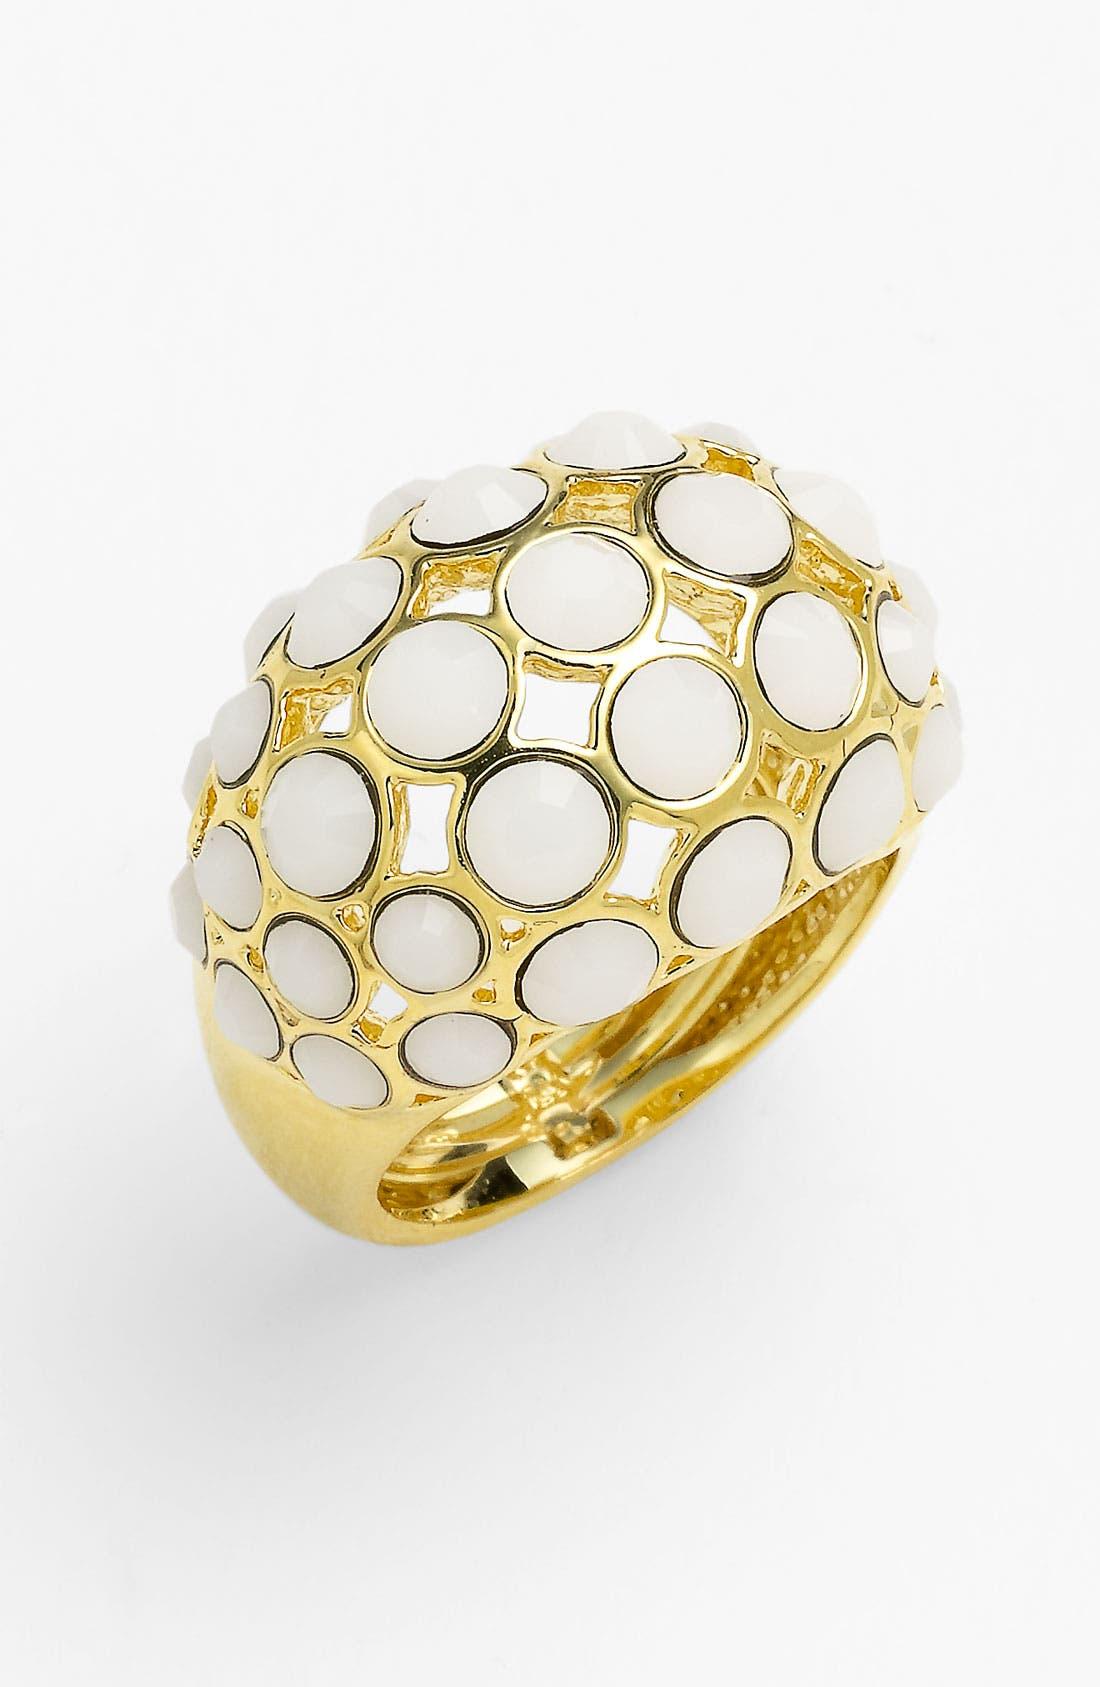 Main Image - Ariella Collection 'White Hot' Multi Stone Dome Ring